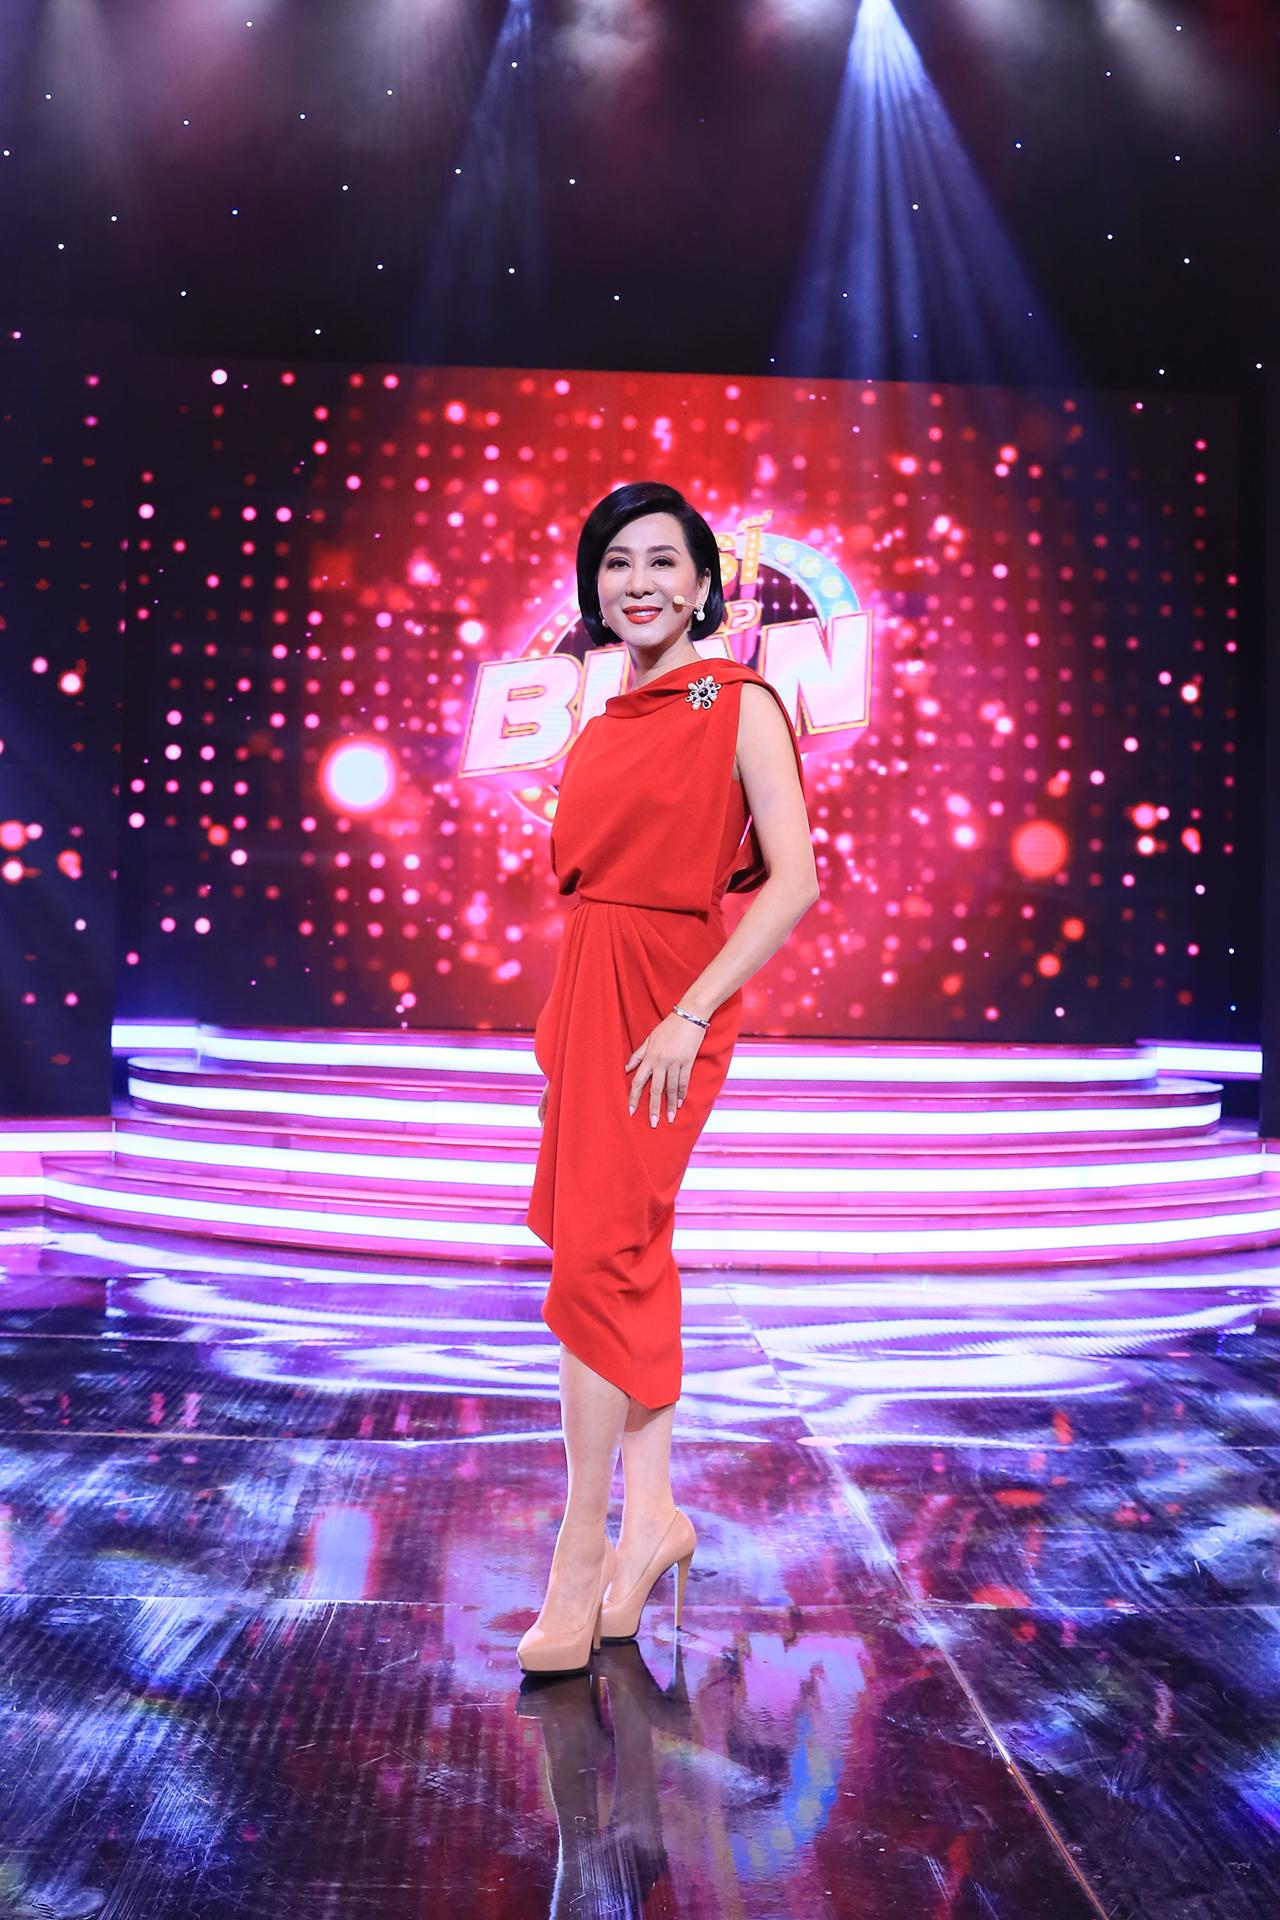 MC hải ngoại Nguyễn Cao Kỳ Duyên bất ngờ về nước làm giám khảo gameshow 3